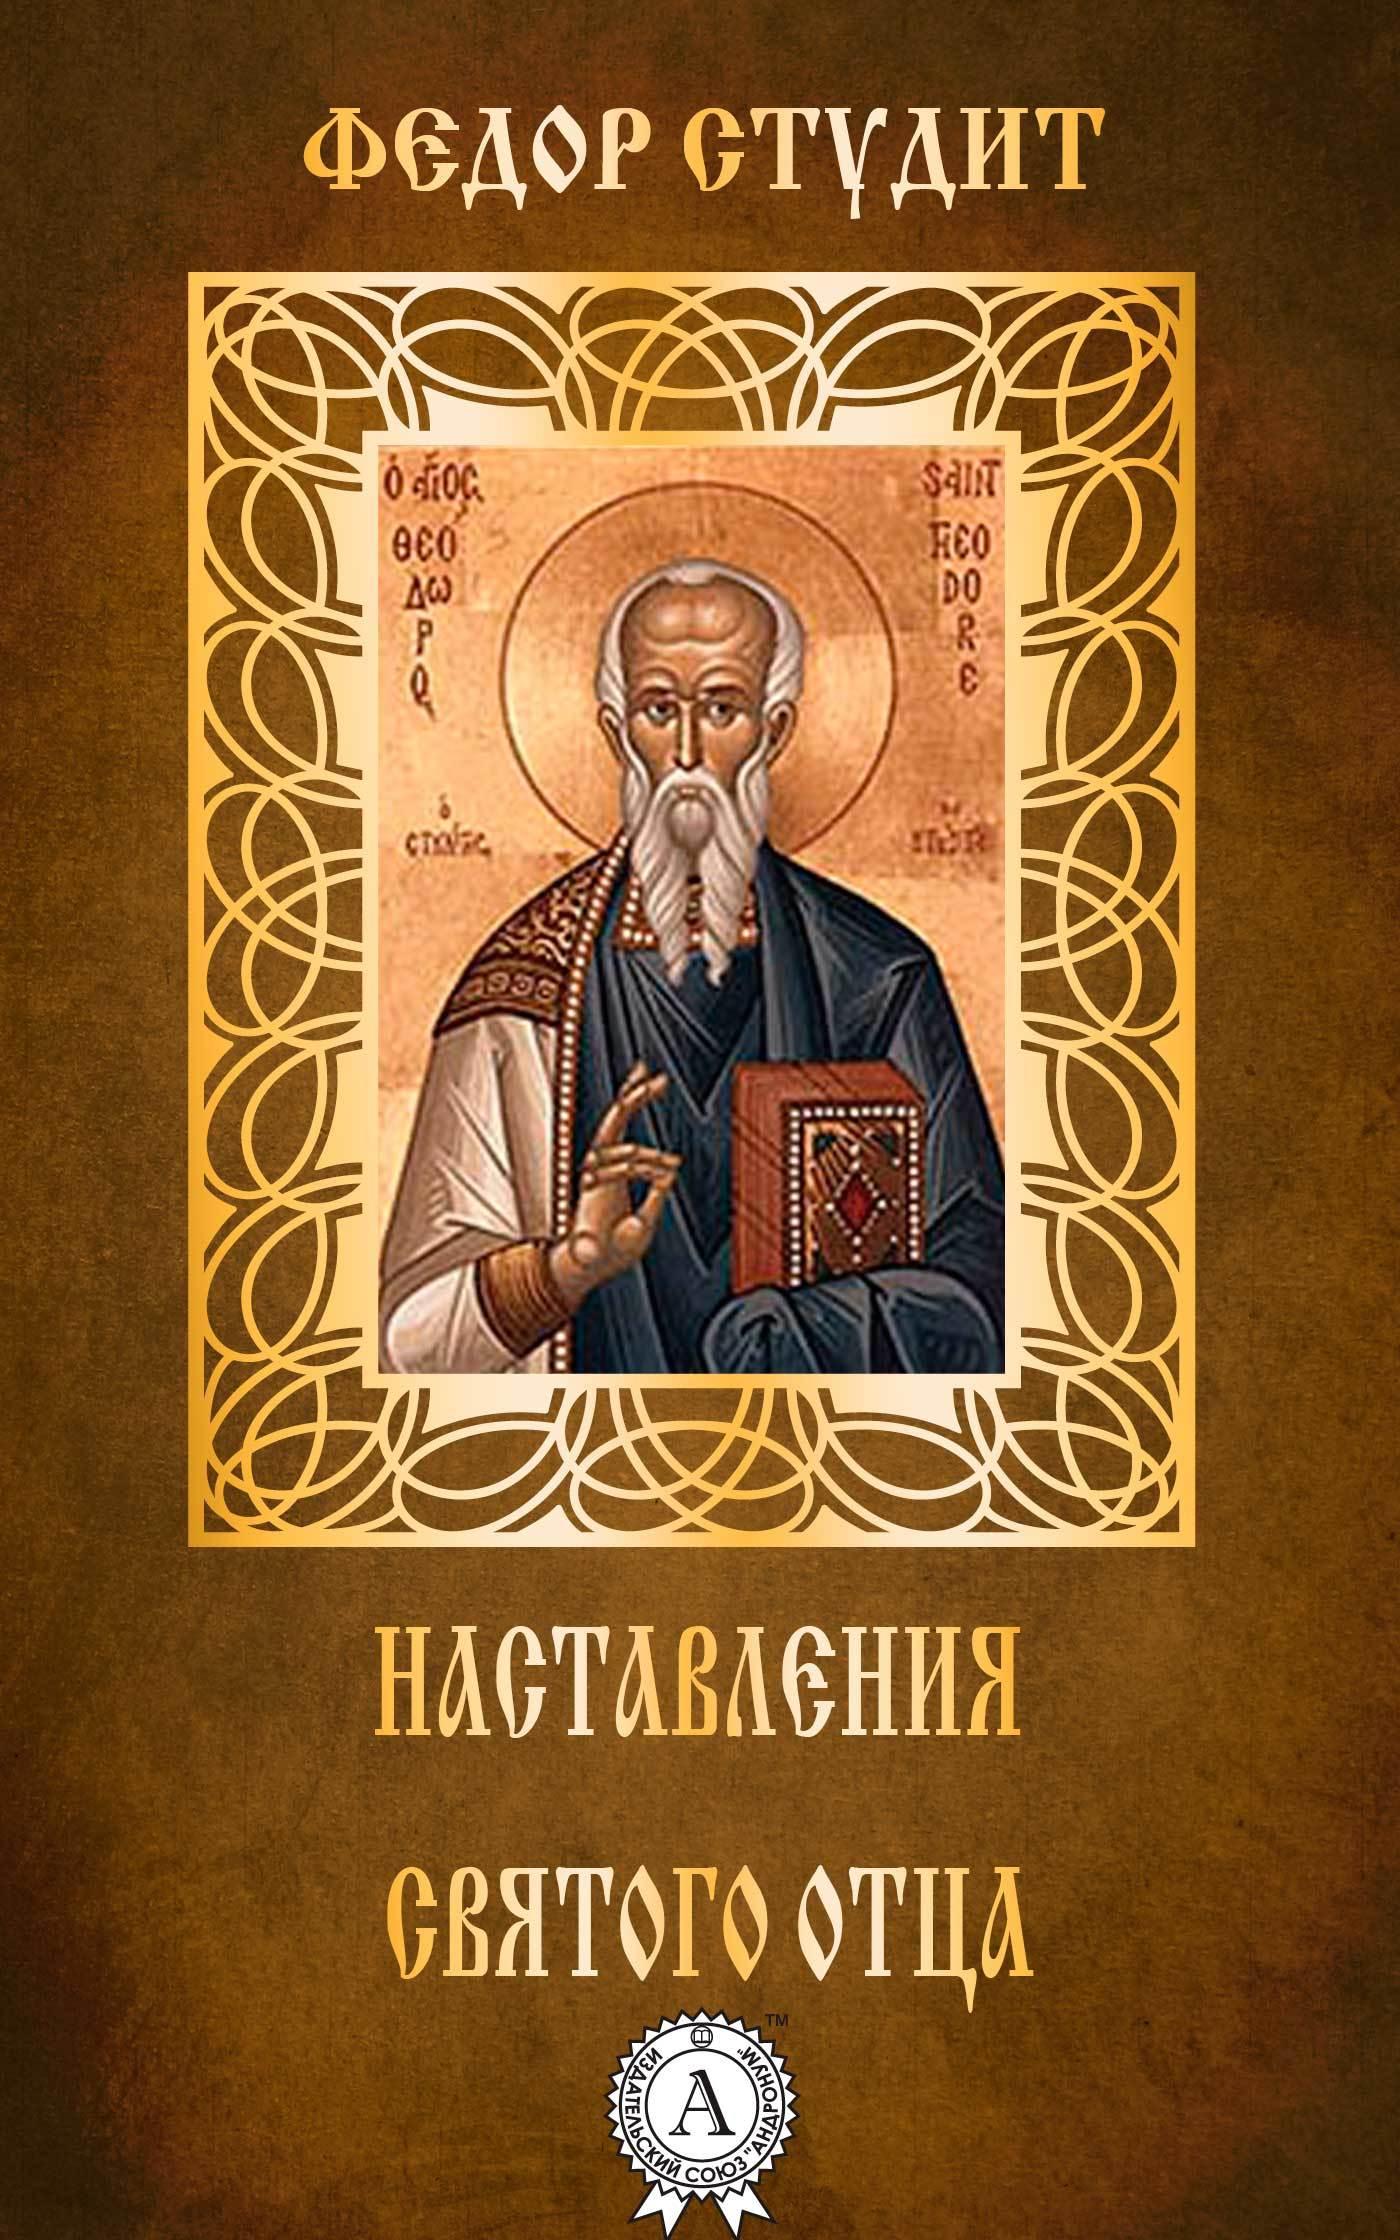 преподобный Федор Студит Наставления святого отца